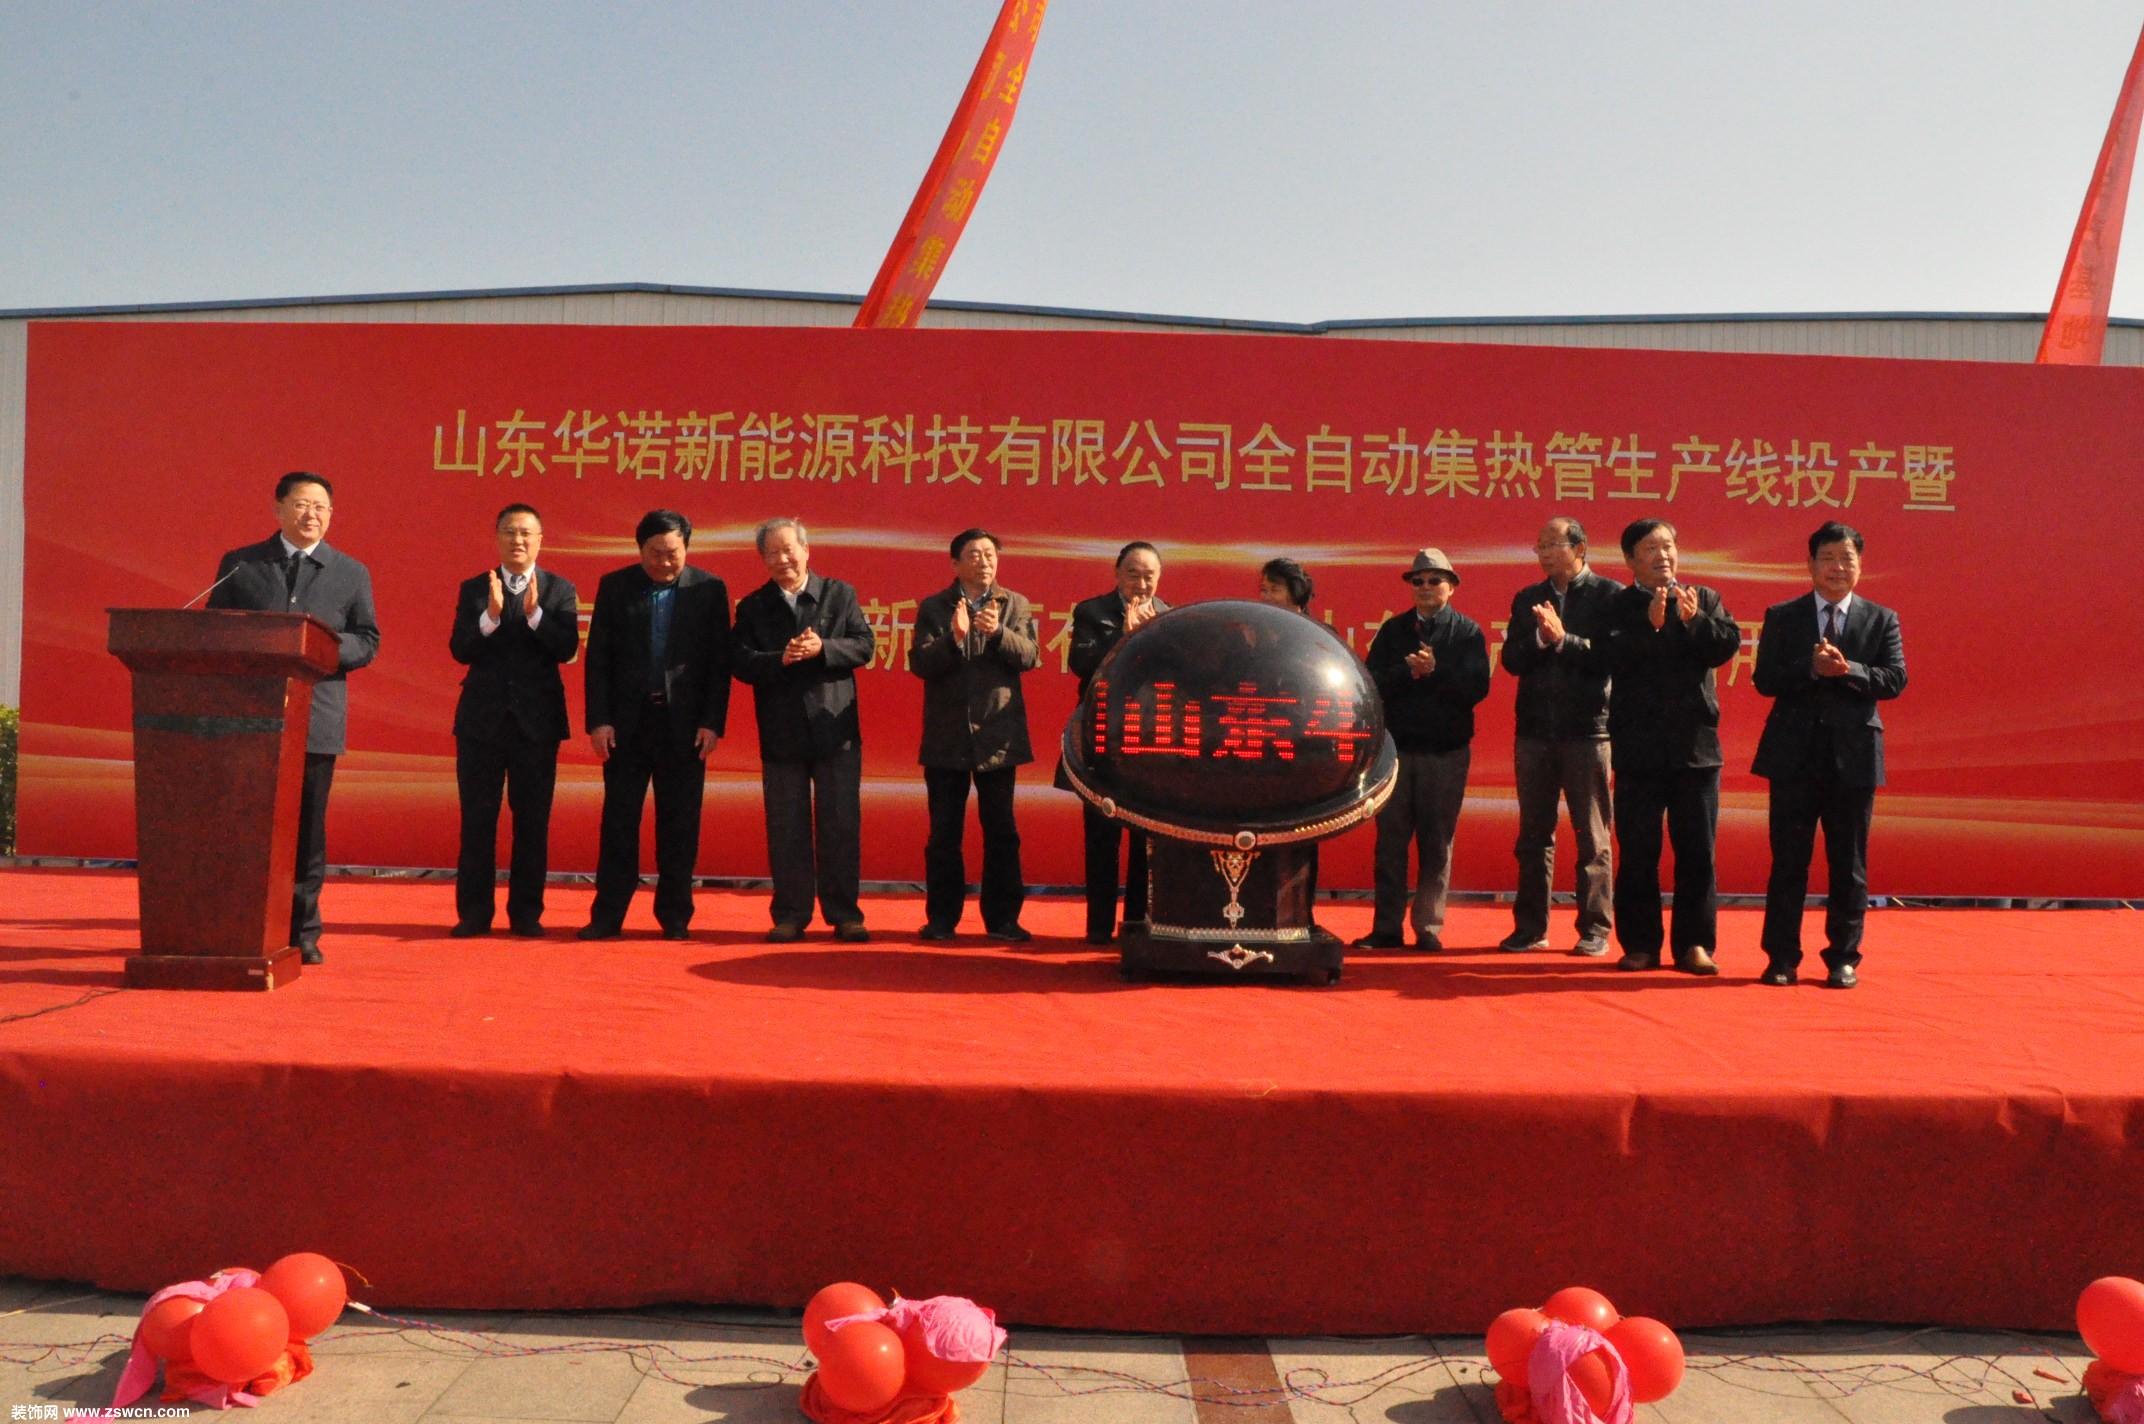 山东华诺新能源科技有限公司全自动集热管生产线投产暨北京华业阳光新能源有限公司山东生产基地启用 仪式在诸城盛大举行